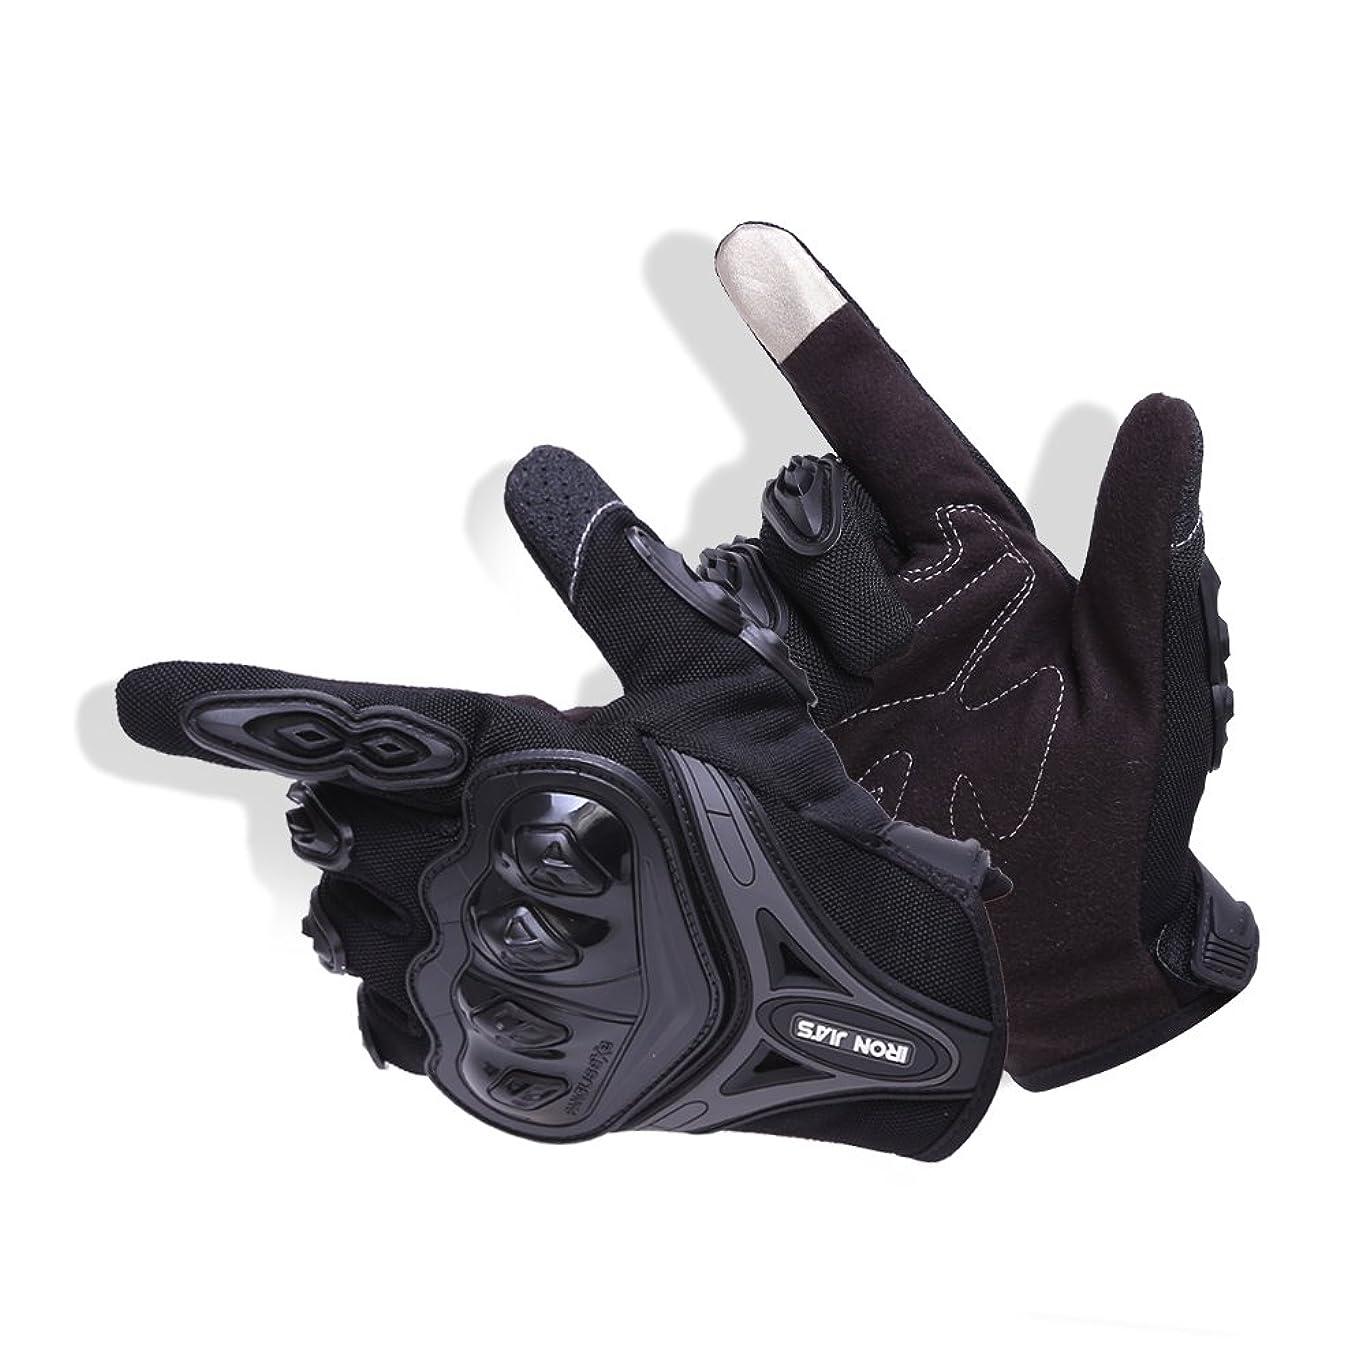 千特別な芽バイクグローブ オートバイ 手袋 テブクロ スマートフォン対応 タッチパネル対応 すべり止め 夏用 耐衝撃 通気性 耐用性